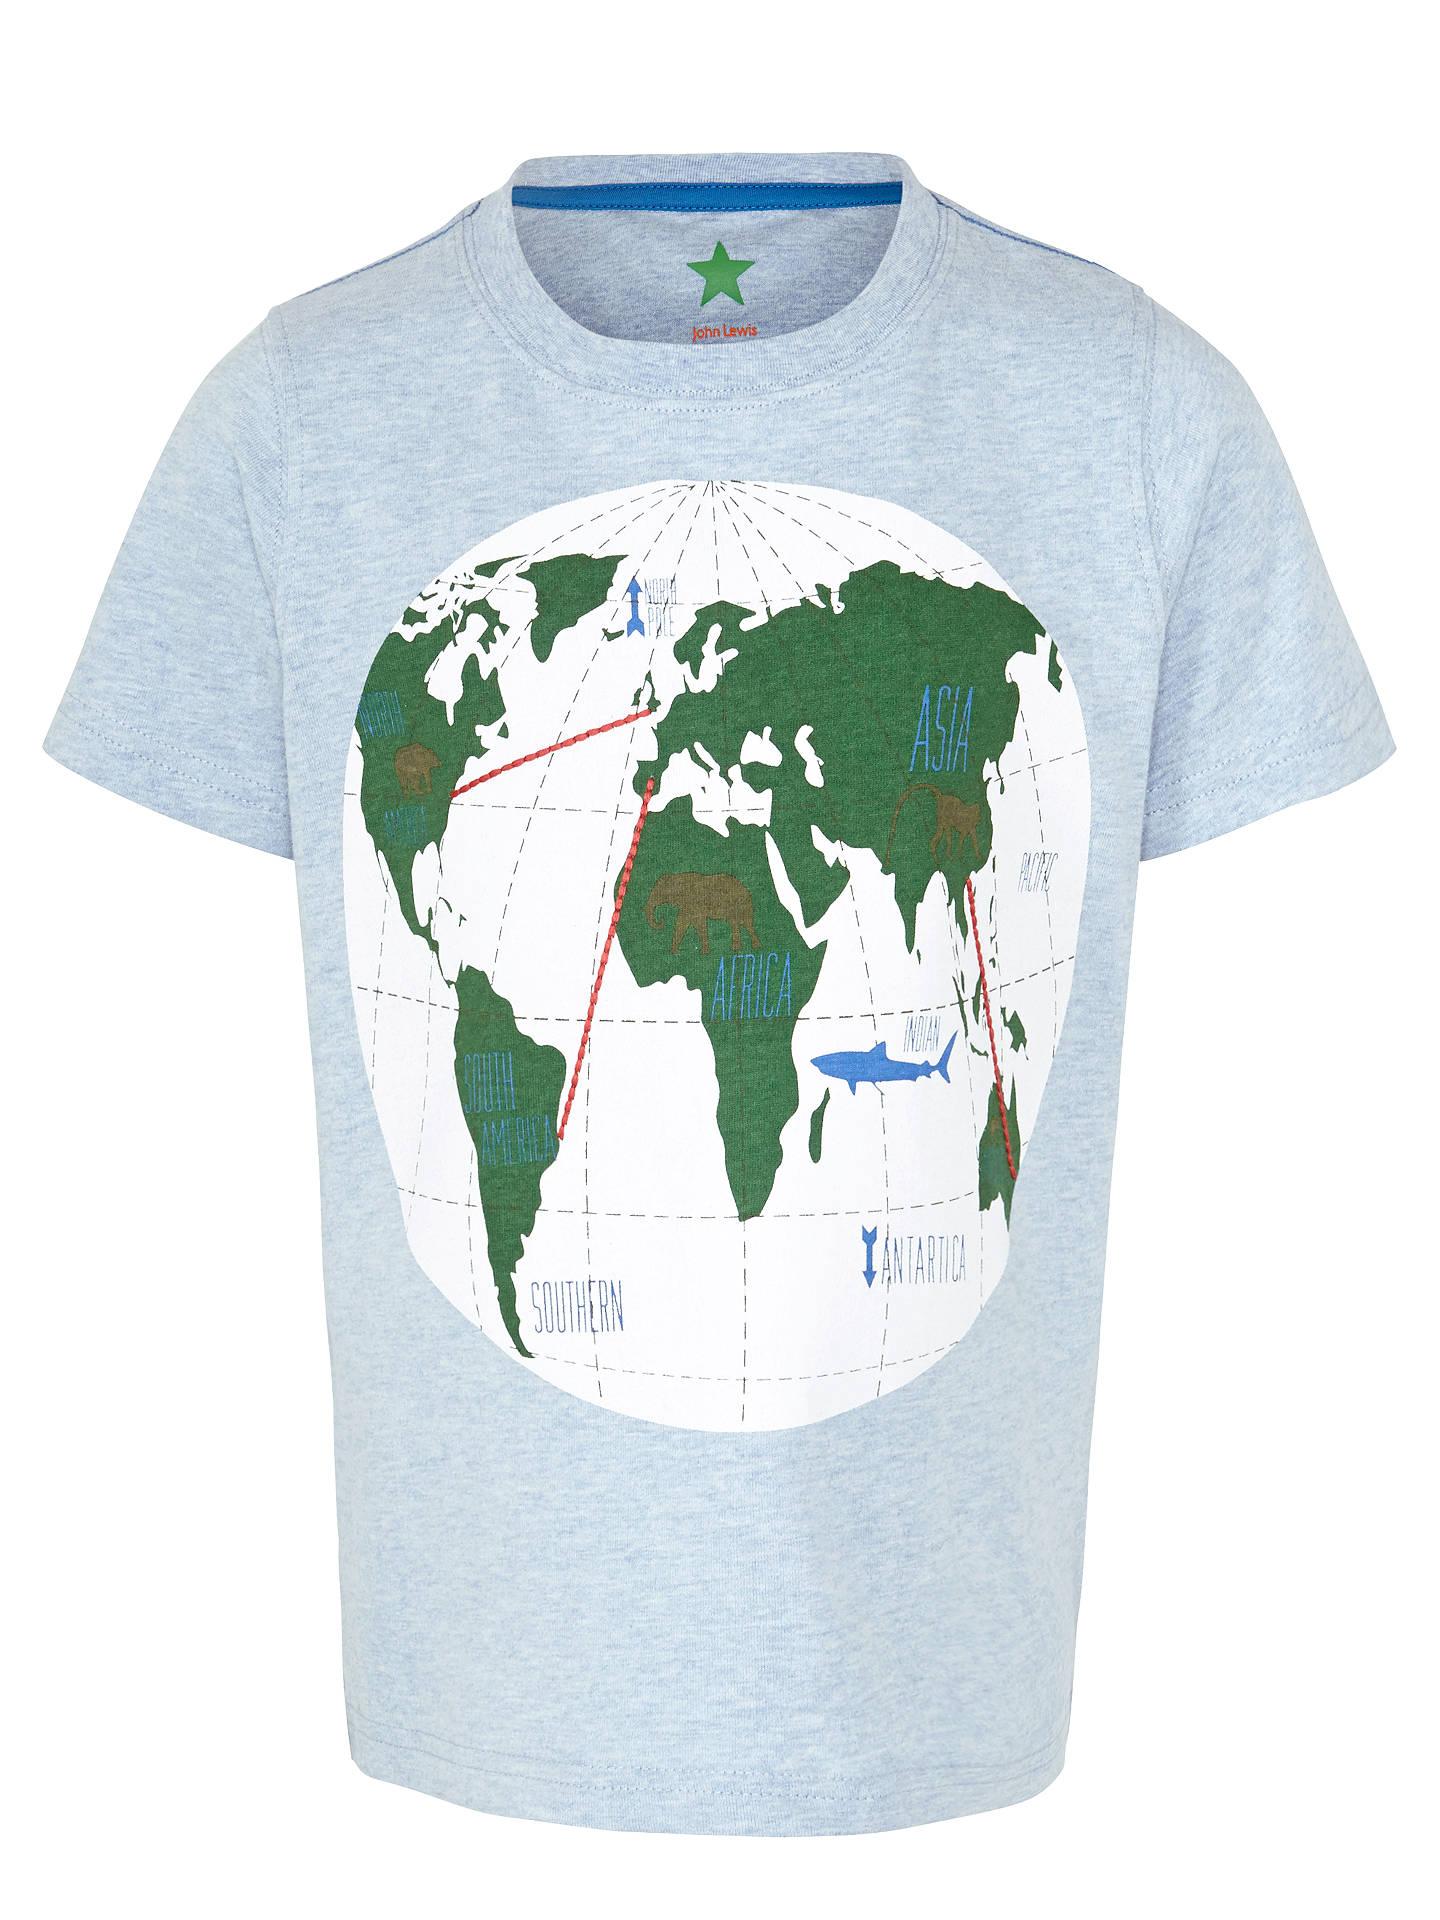 John Lewis Boy World Map Graphic T Shirt Blue At John Lewis Partners